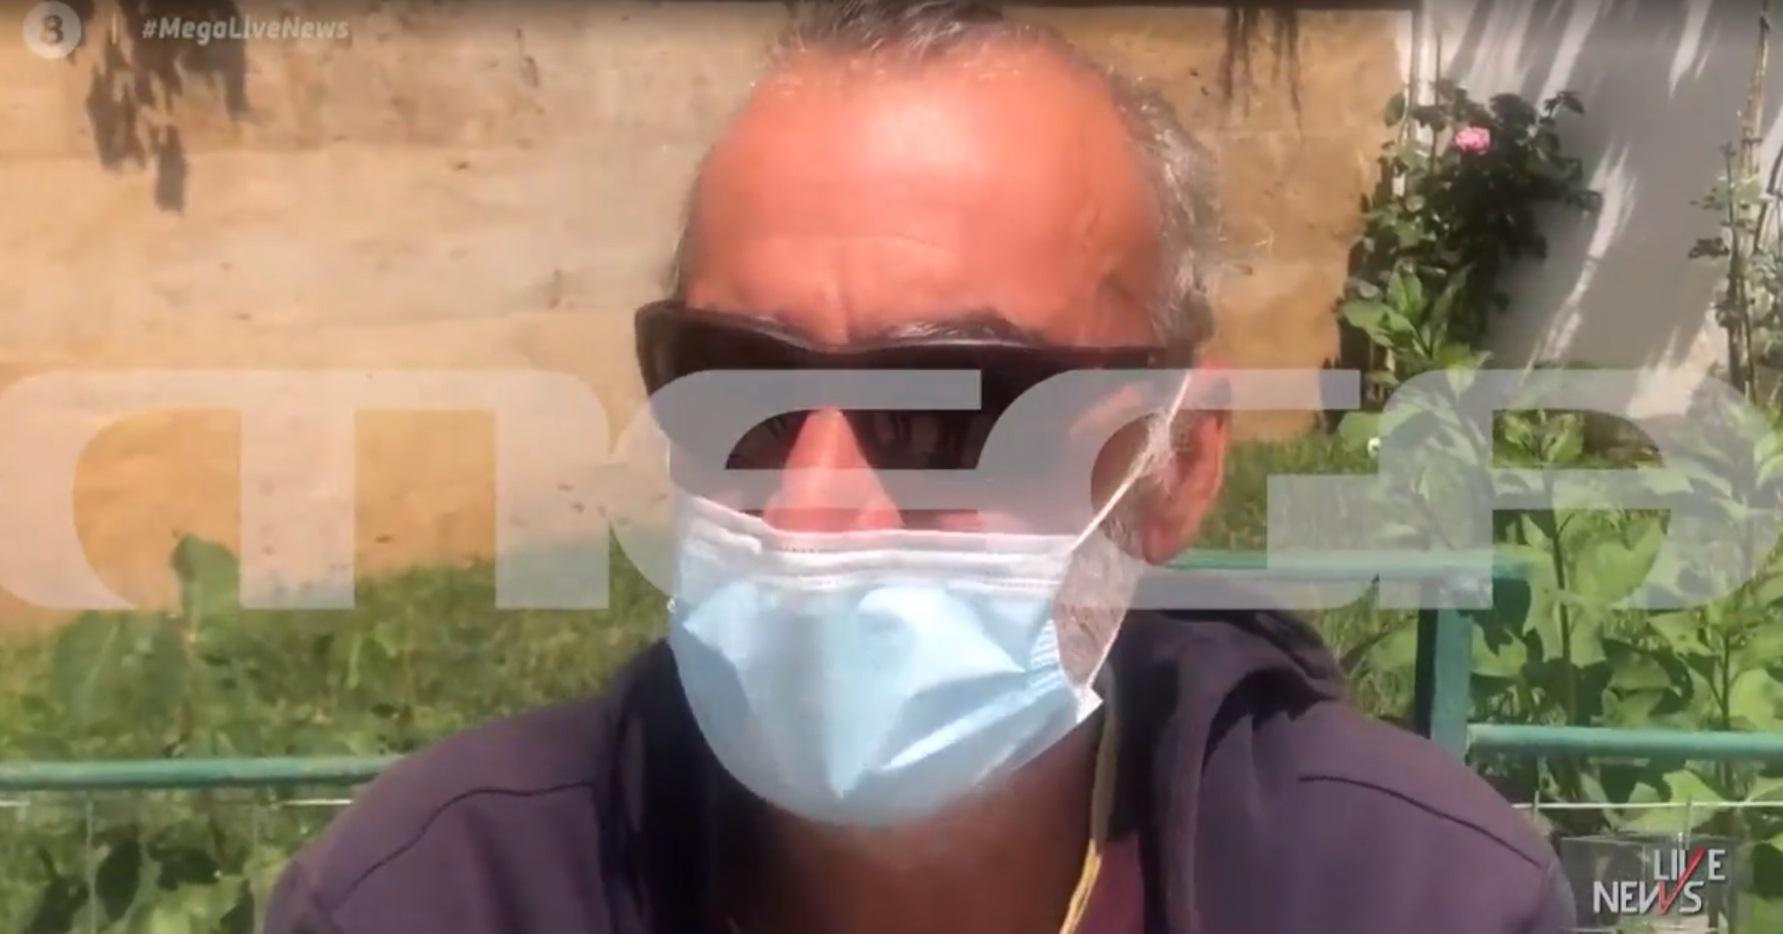 Θεσσαλονίκη: «Είναι στημένο»  – Τι λέει ο 56χρονος καθηγητής που κατηγορείται για απόπειρα αρπαγής 16χρονης